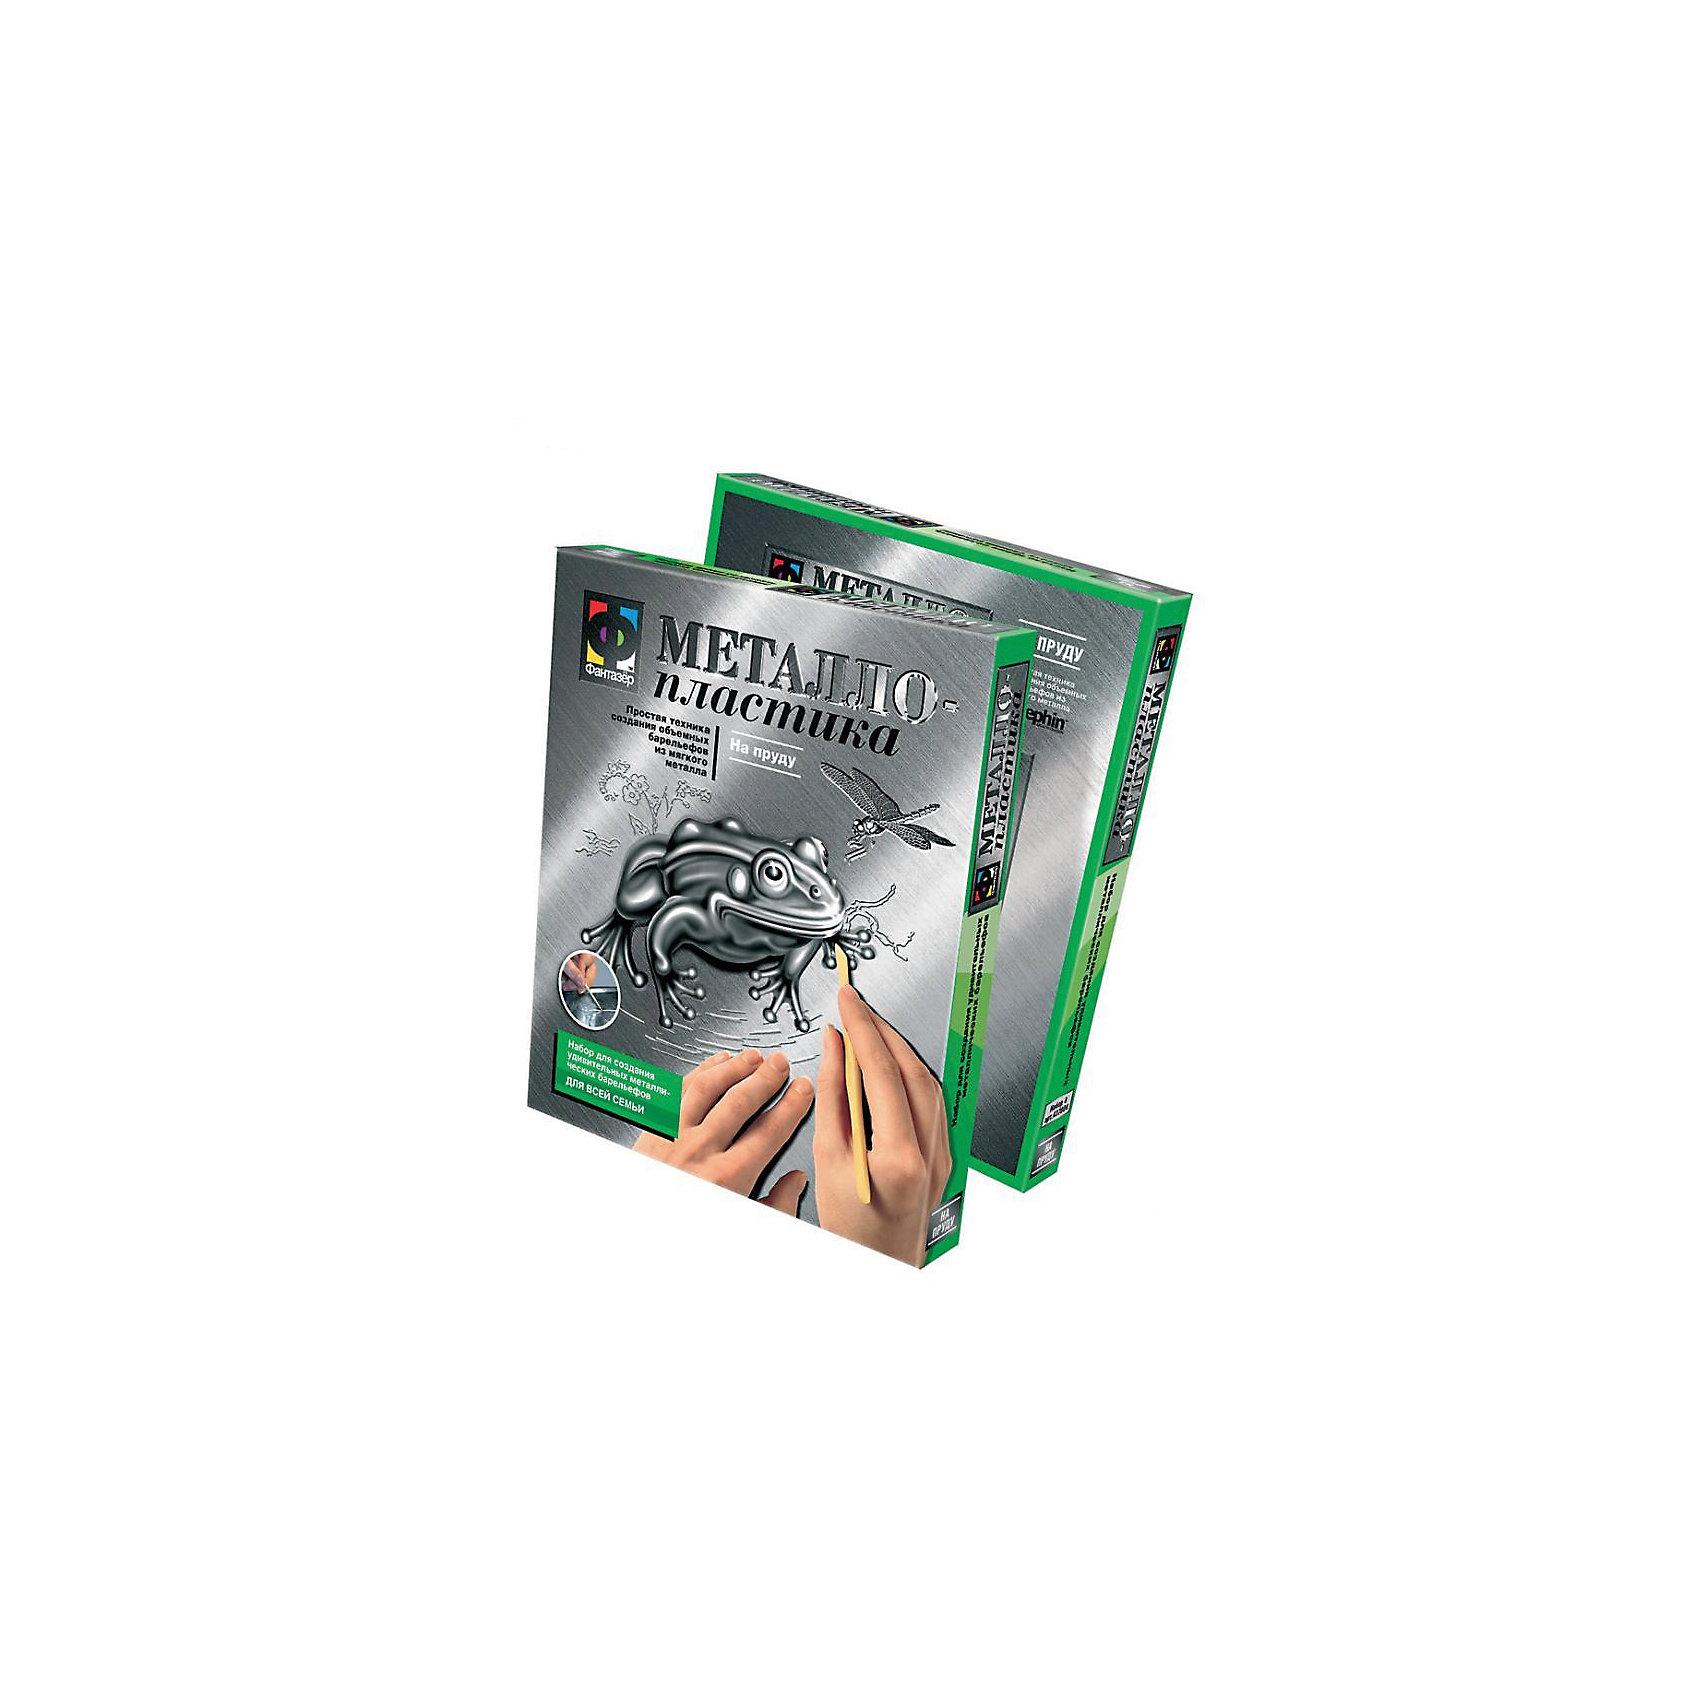 Набор На пруду: лягушка, FantazerГравюры<br>Вы сможете cсоздавать объемные изображения в металле НА ПРУДУ (ЛЯГУШКА), обрабатывая мягкую и пластичную поверхность металлического листа с помощью специального набора деревянных стеков, а подробная инструкция внутри набора сделает процесс простым и понятным. В наборе: панно из алюминия, цветной шаблон, подробная инструкция, набор стеков, основа.<br><br>Дополнительная информация:<br><br>- вес: 74 гр.<br>- размеры упаковки (картонная коробка) (д/ш/в): 22x18,6x2,5 см.<br><br>Фантазер Набор №4. На пруду (лягушка) можно купить в нашем магазине.<br><br>Ширина мм: 185<br>Глубина мм: 25<br>Высота мм: 220<br>Вес г: 100<br>Возраст от месяцев: 60<br>Возраст до месяцев: 1188<br>Пол: Унисекс<br>Возраст: Детский<br>SKU: 2331335